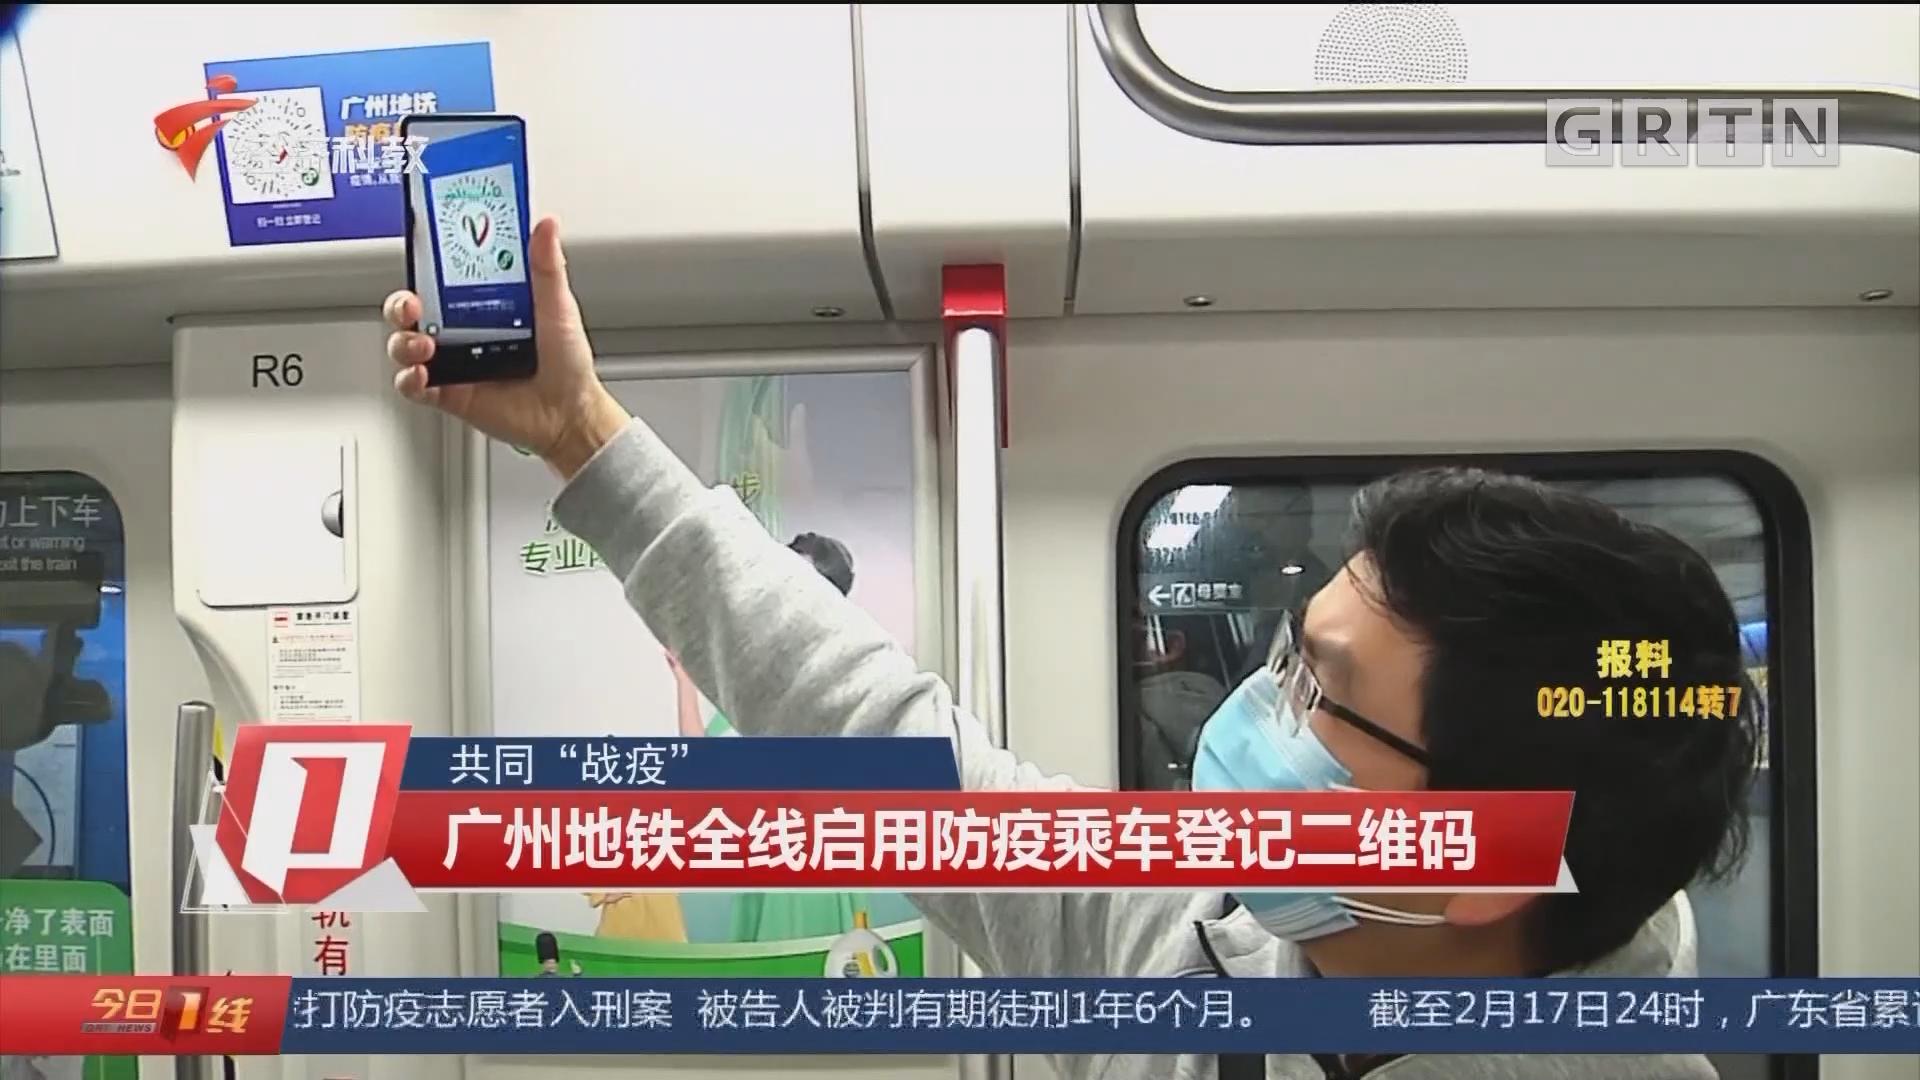 """共同""""战疫"""" 广州地铁全线启用防疫乘车登记二维码"""